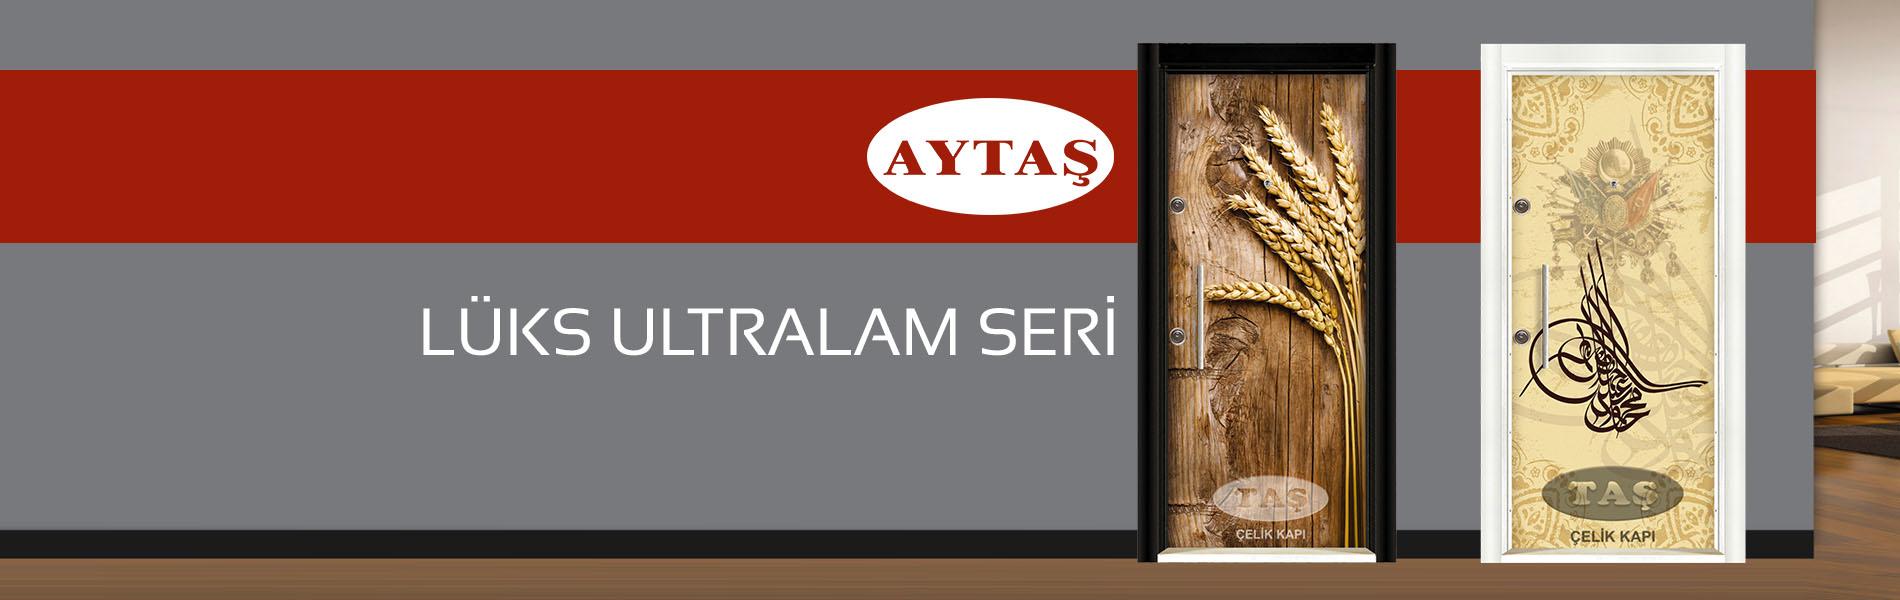 Osmaniye'nin Çelik Kapı Üreticisi